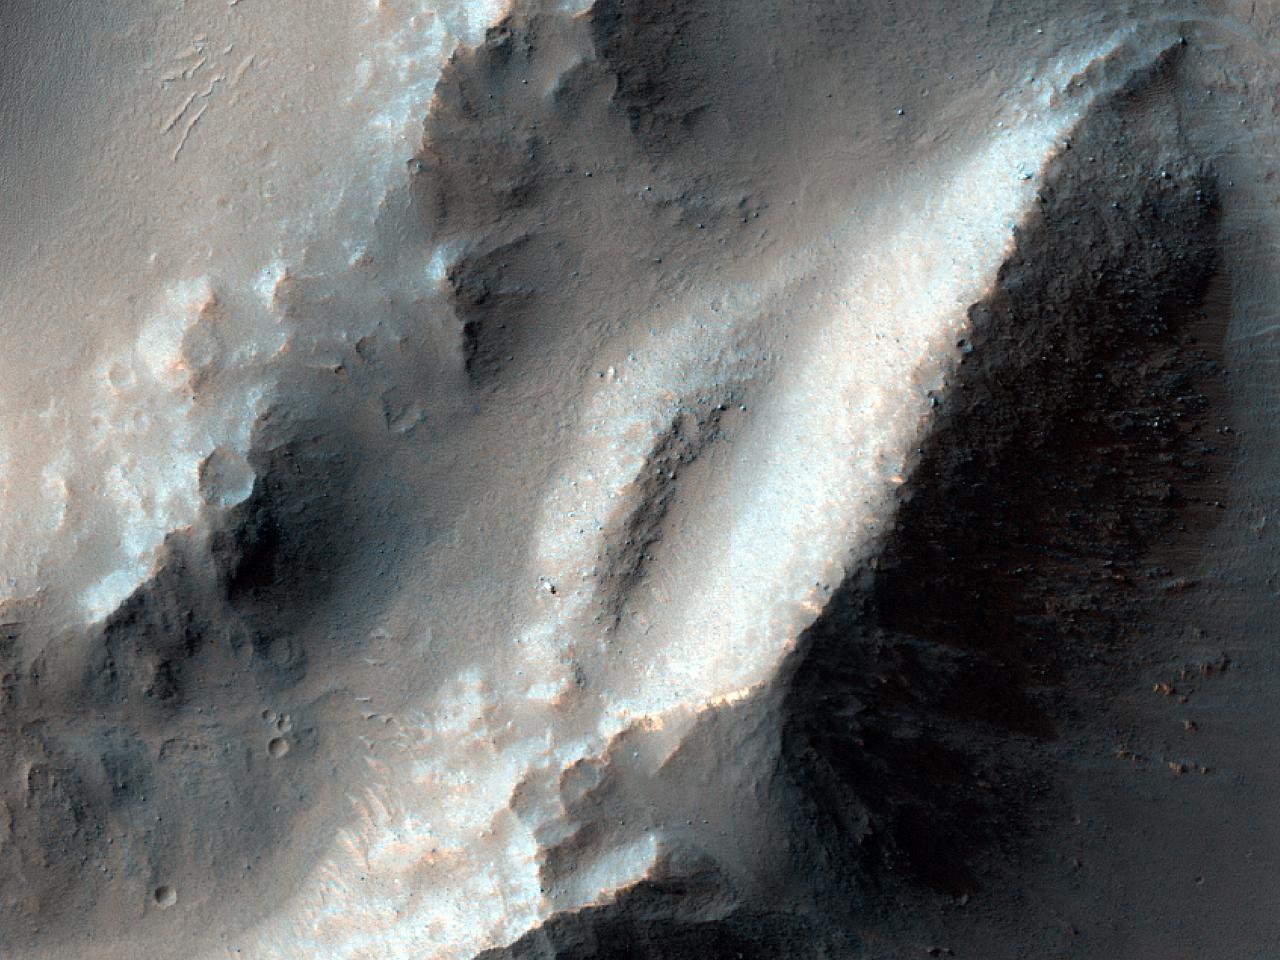 Landslide or Large Debris Flow in Melas Chasma